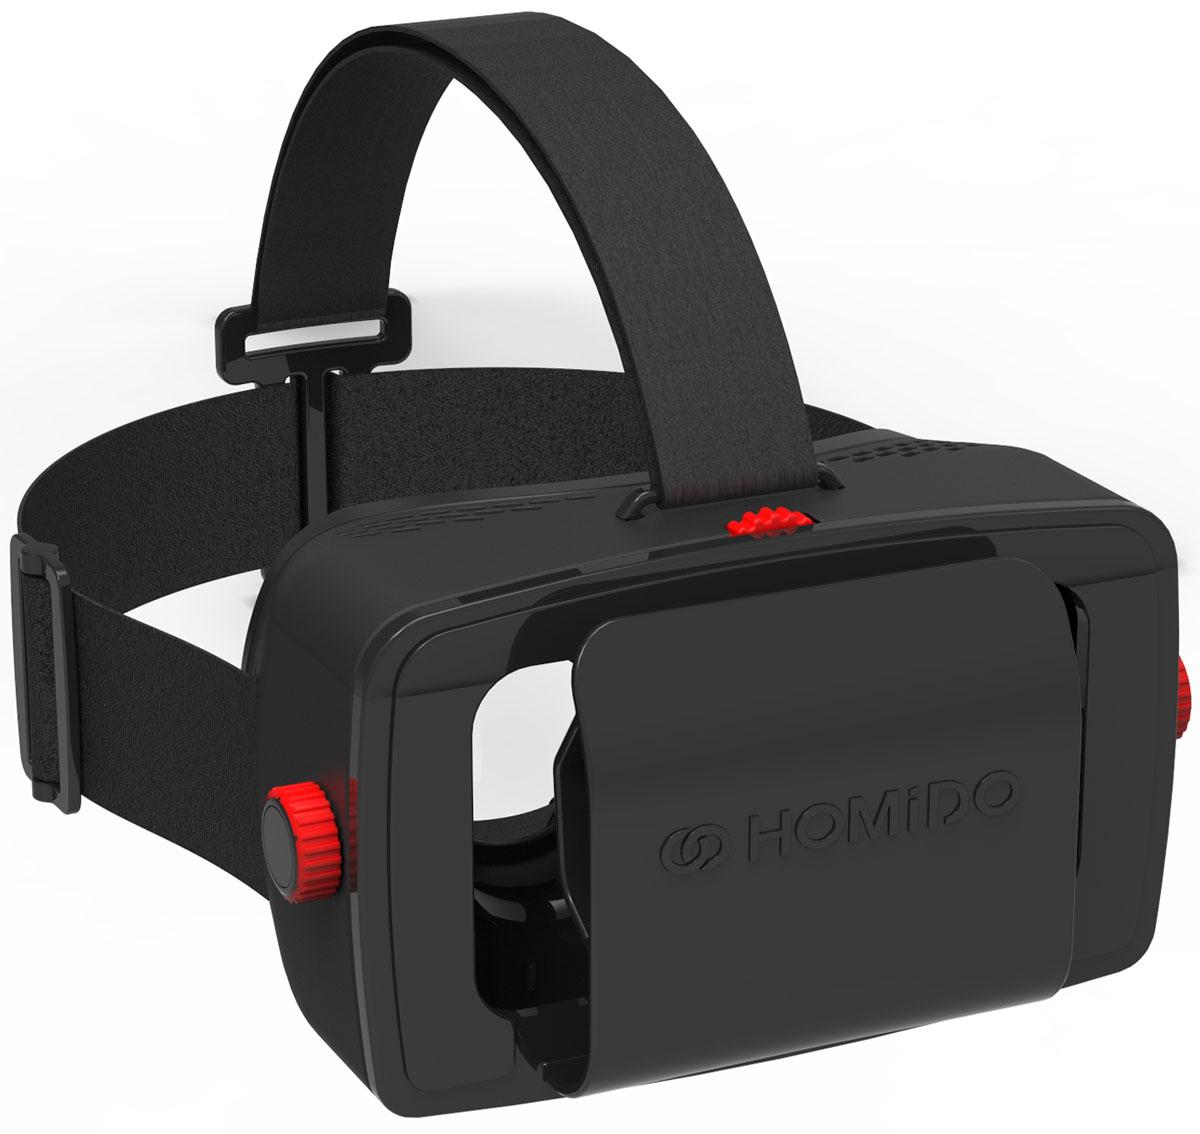 Homido V1 HMD-01, Black очки виртуальной реальностиHMD-01Очки виртуальной реальности для смартфонов (Android и IOS)Полноценное оптическое устройство для игр в виртуальной и дополненной реальности, просмотра видео 360°, 3D фильмов Непревзойденный комфорт очков, мягко сидящие на вашем лице и не беспокоящие на протяжении длительного времени использования.Специальные линзы обеспечивающие сверх четкое изображение без искажений по всему спектру. Бережное и удобное крепление вашего смартфона.